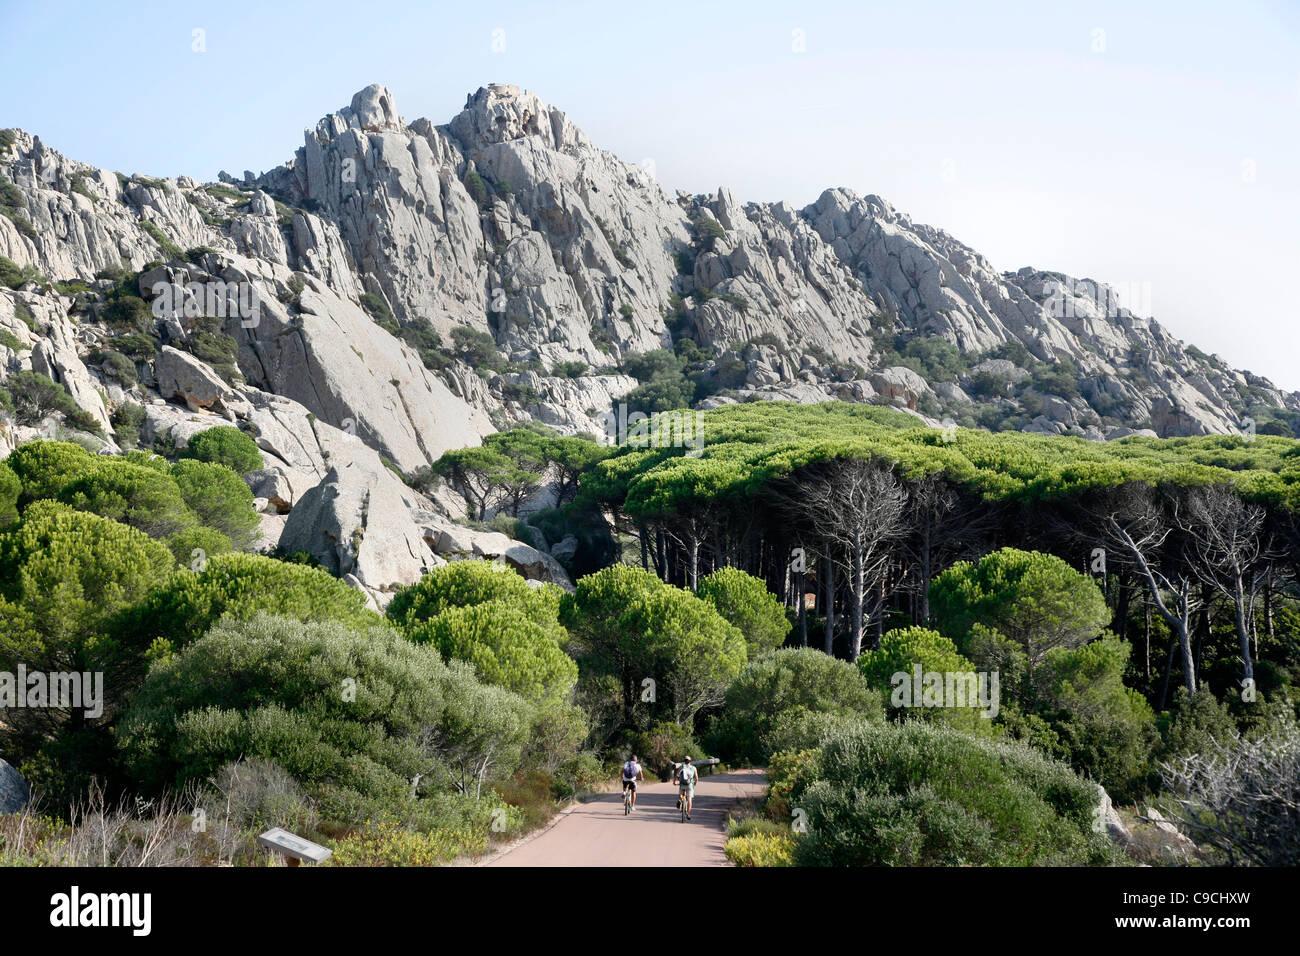 Granite rocks in La Maddalena, Sardinia, Italy. - Stock Image